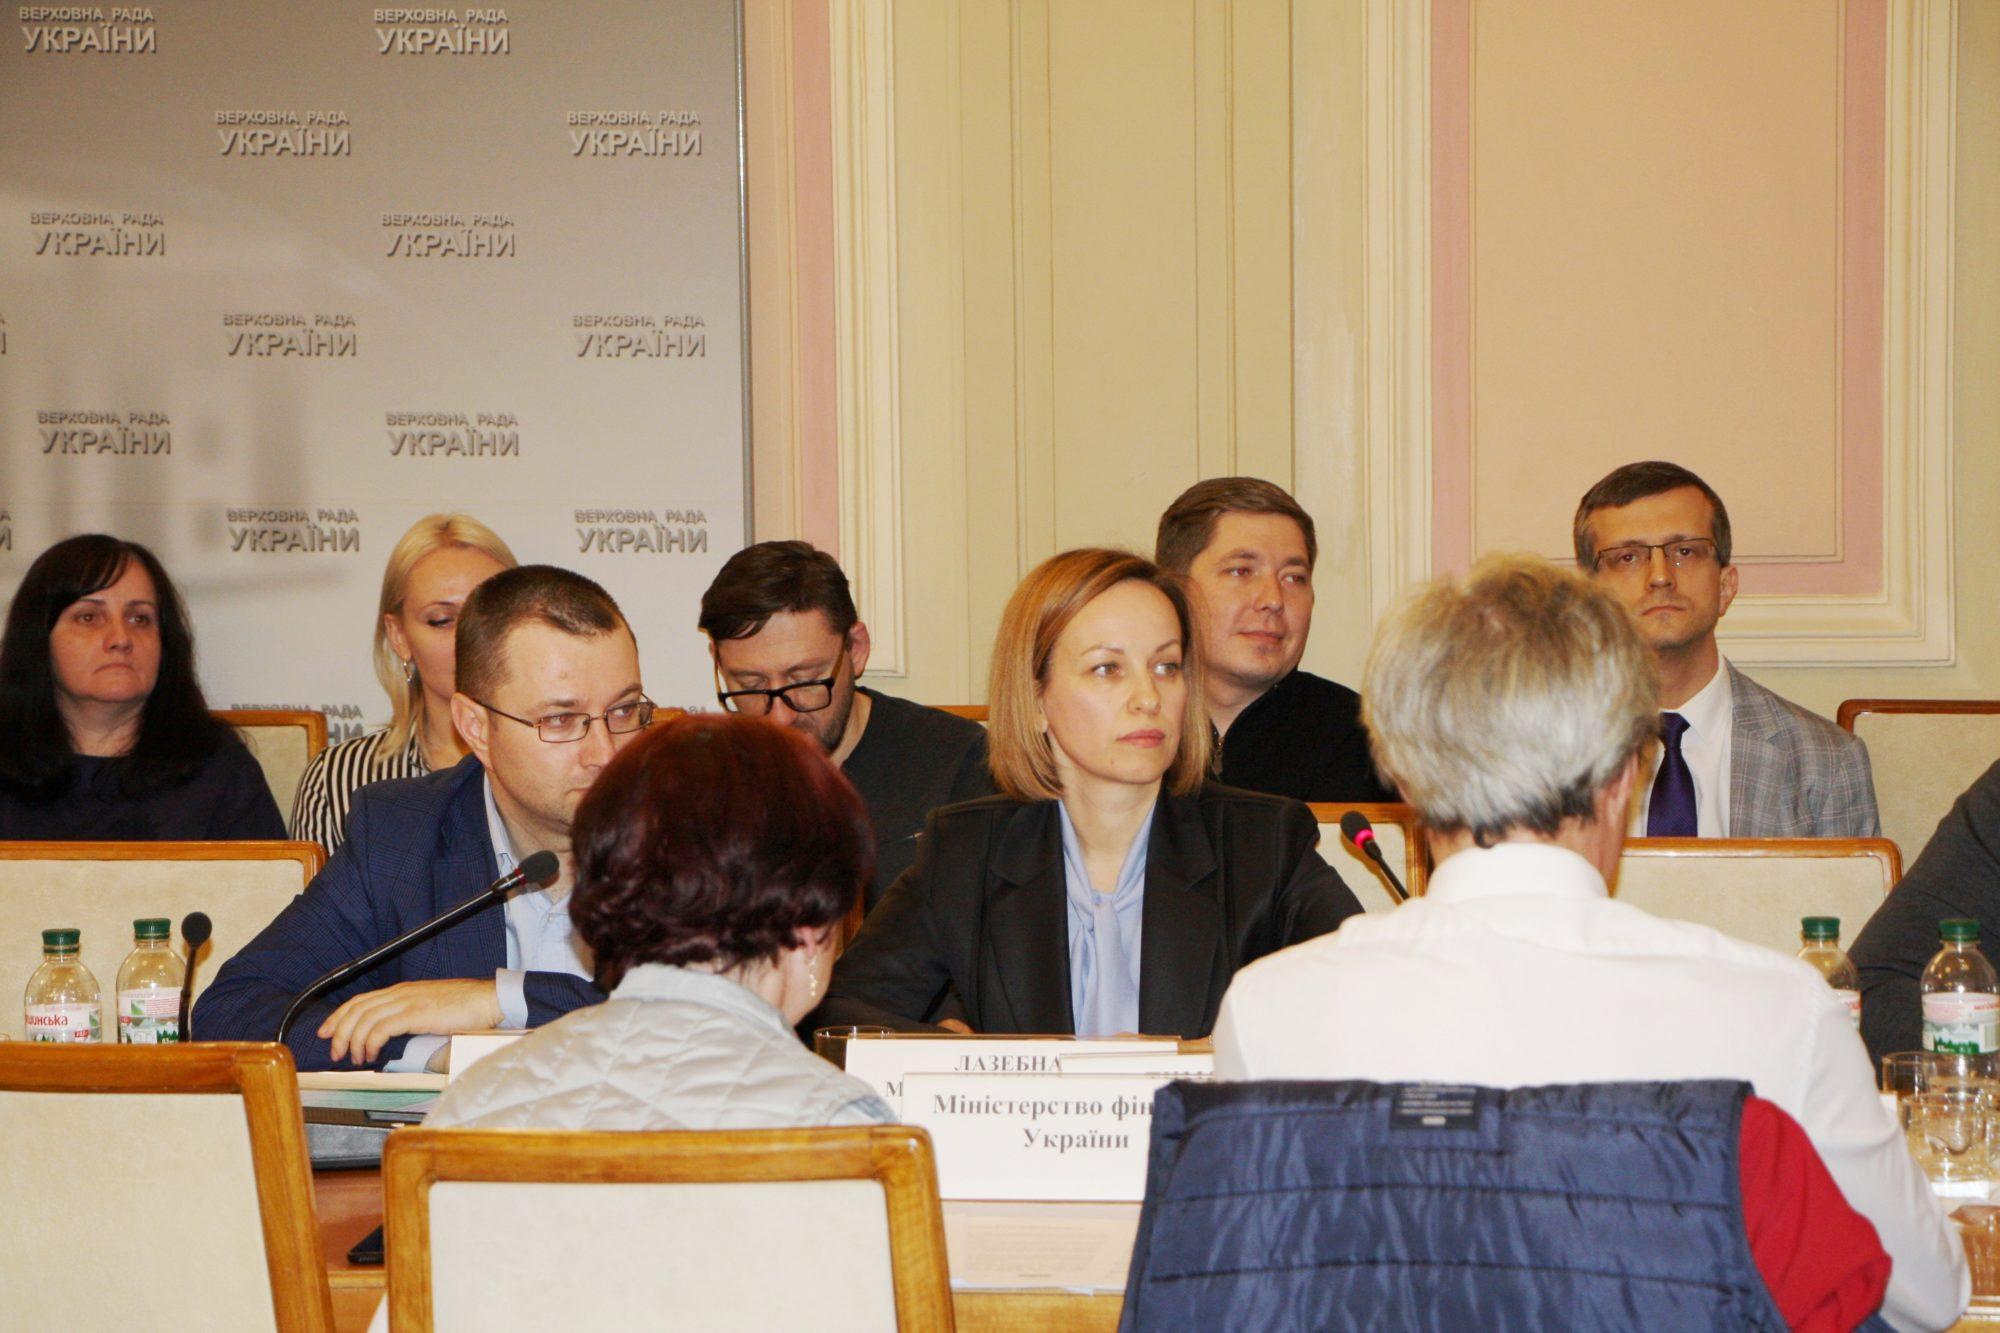 Принципи формування прожиткового мінімуму Мінсоцполітики хоче переглянути - Україна, Міністерство соціальної політики, Лазебна - sotspolityka 2000x1333